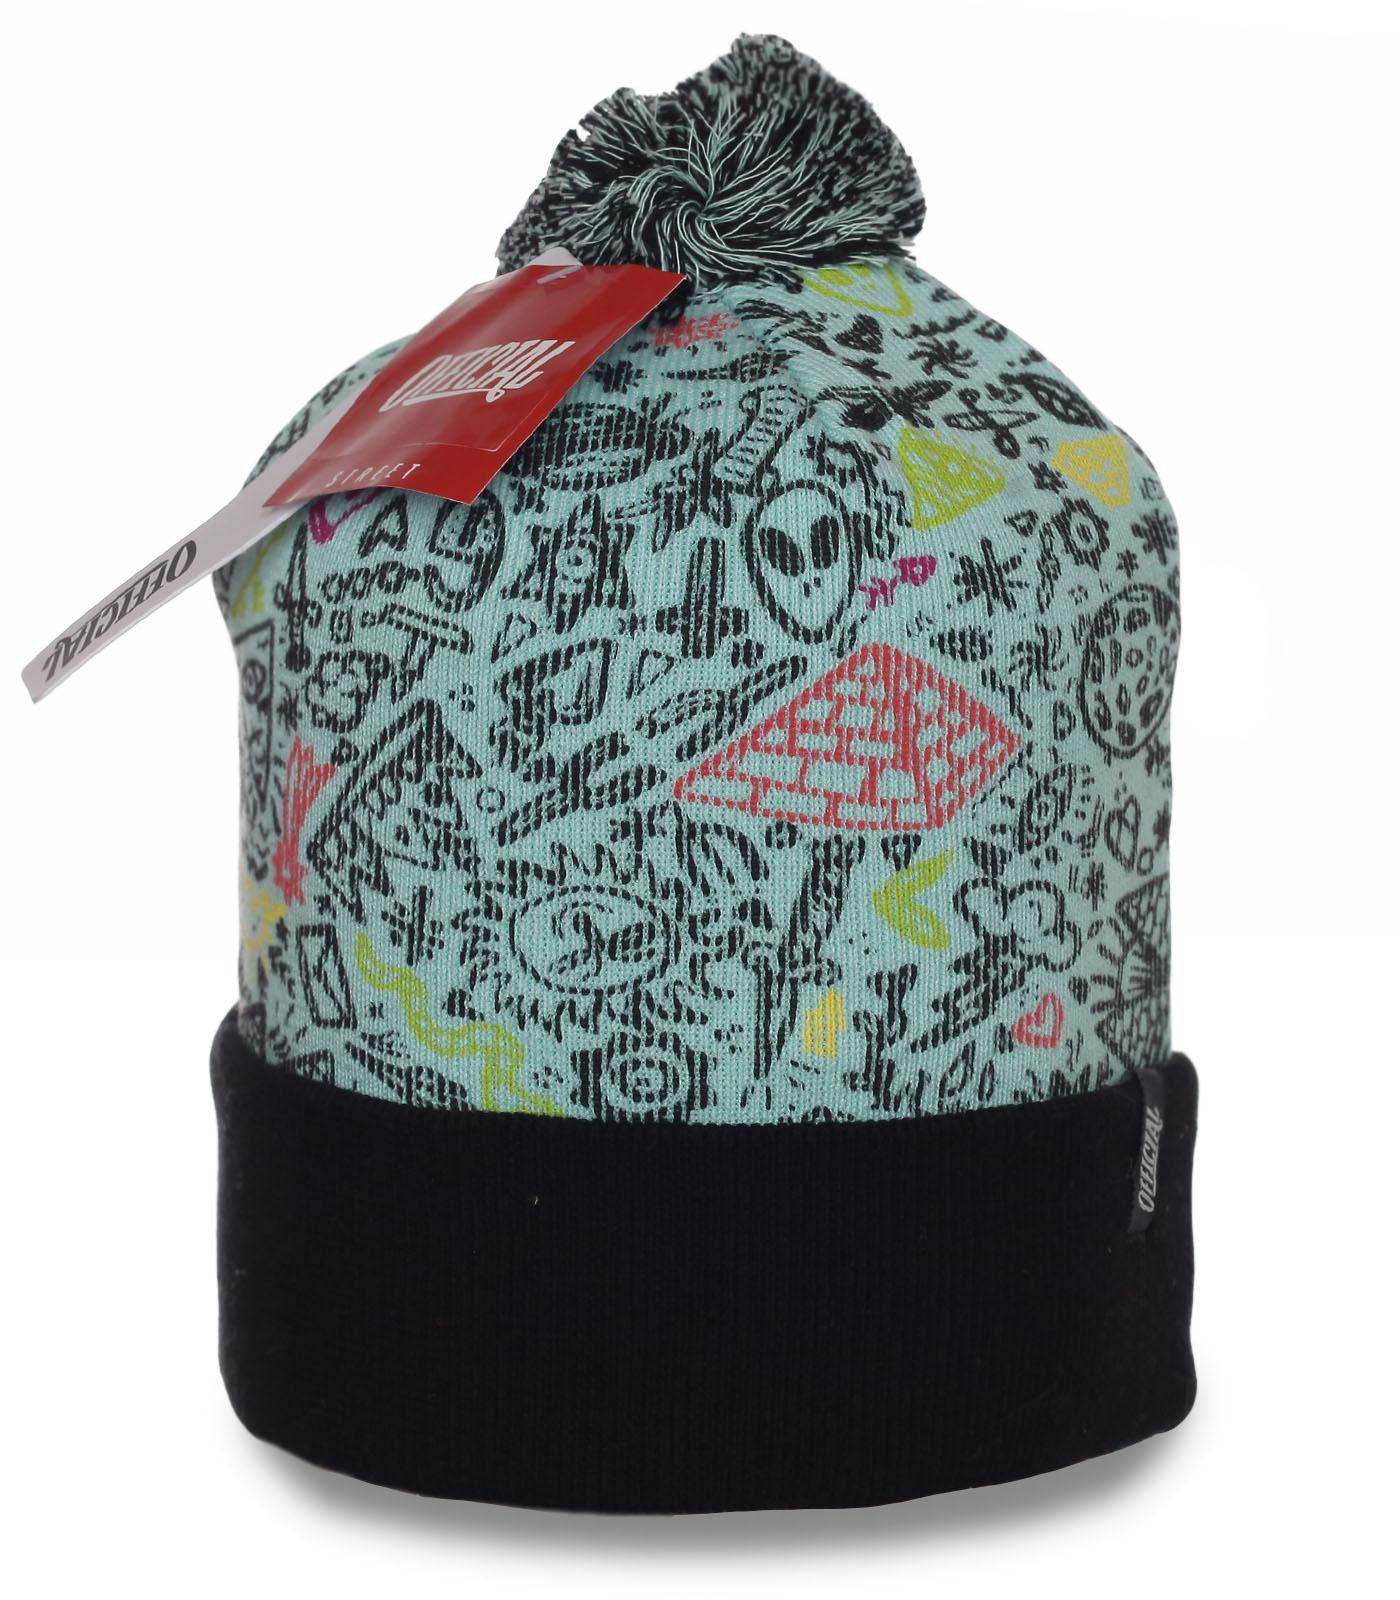 Молодежная шапка Official. Надежно согреет в любую погоду. Оригинальный головной убор для тех, кто ценит стиль и качество